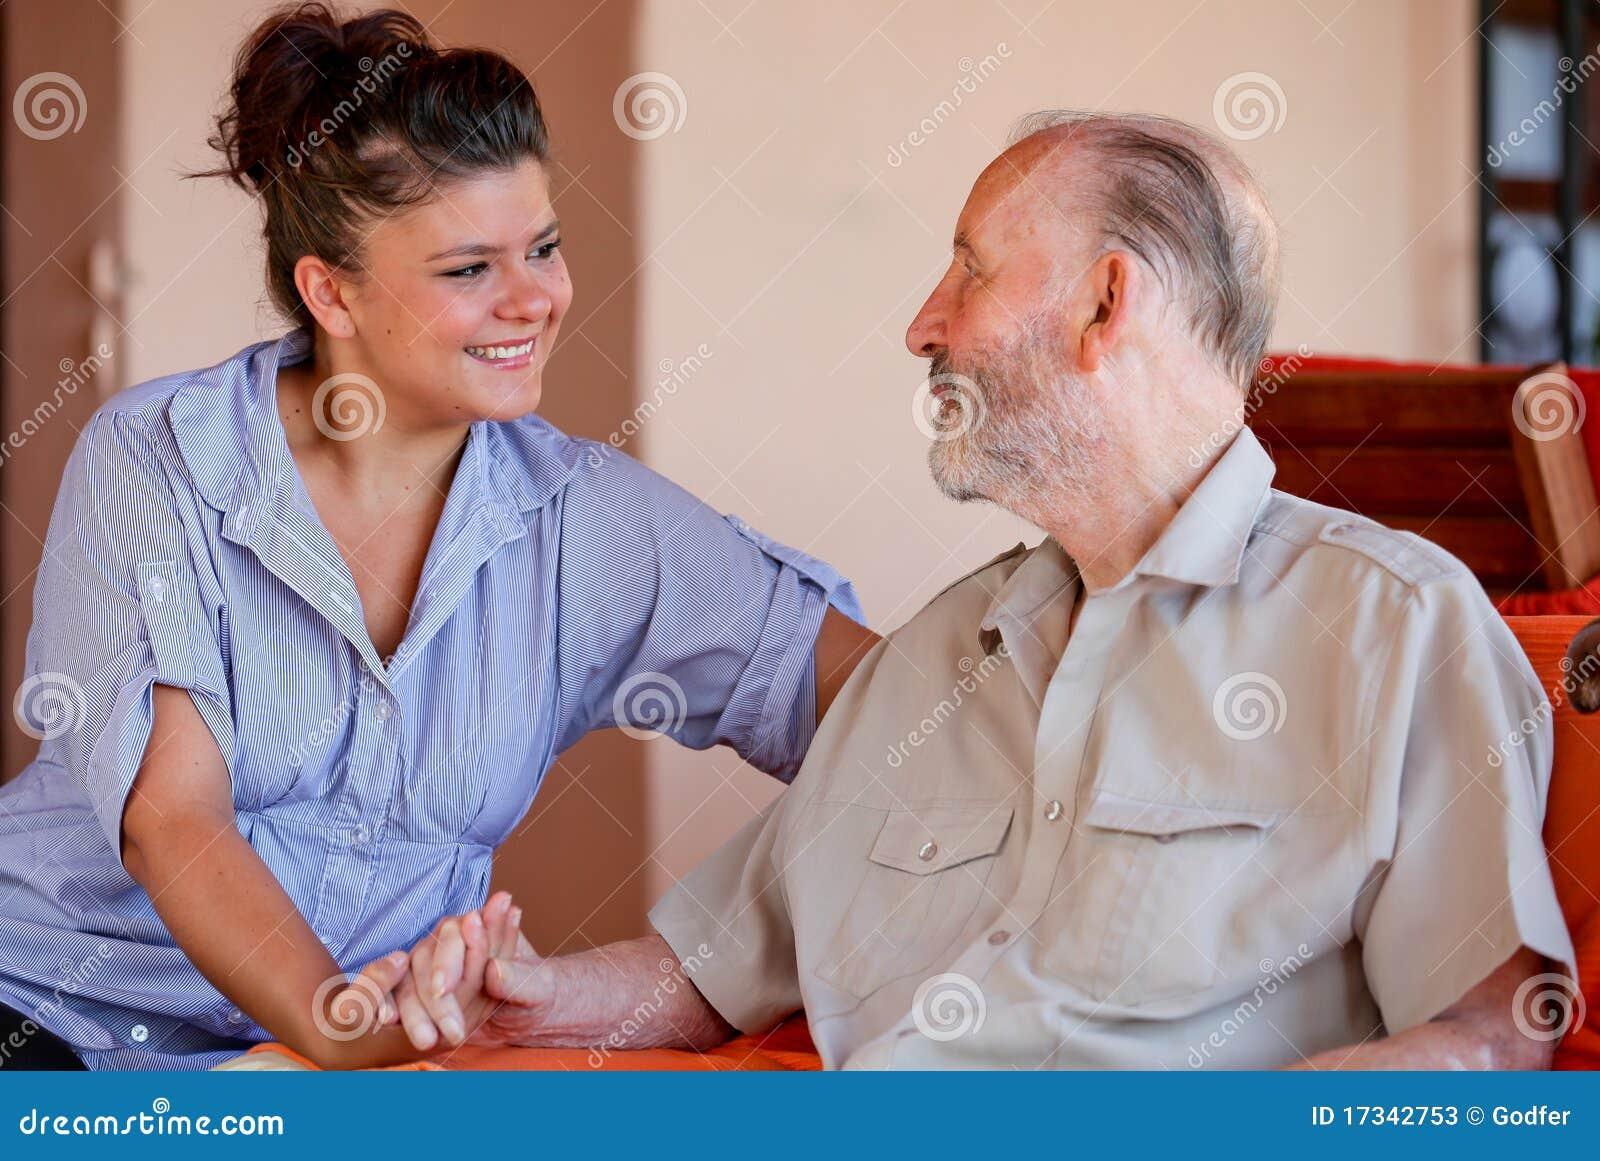 Personale che dispensa le cure maggiore o infermiera